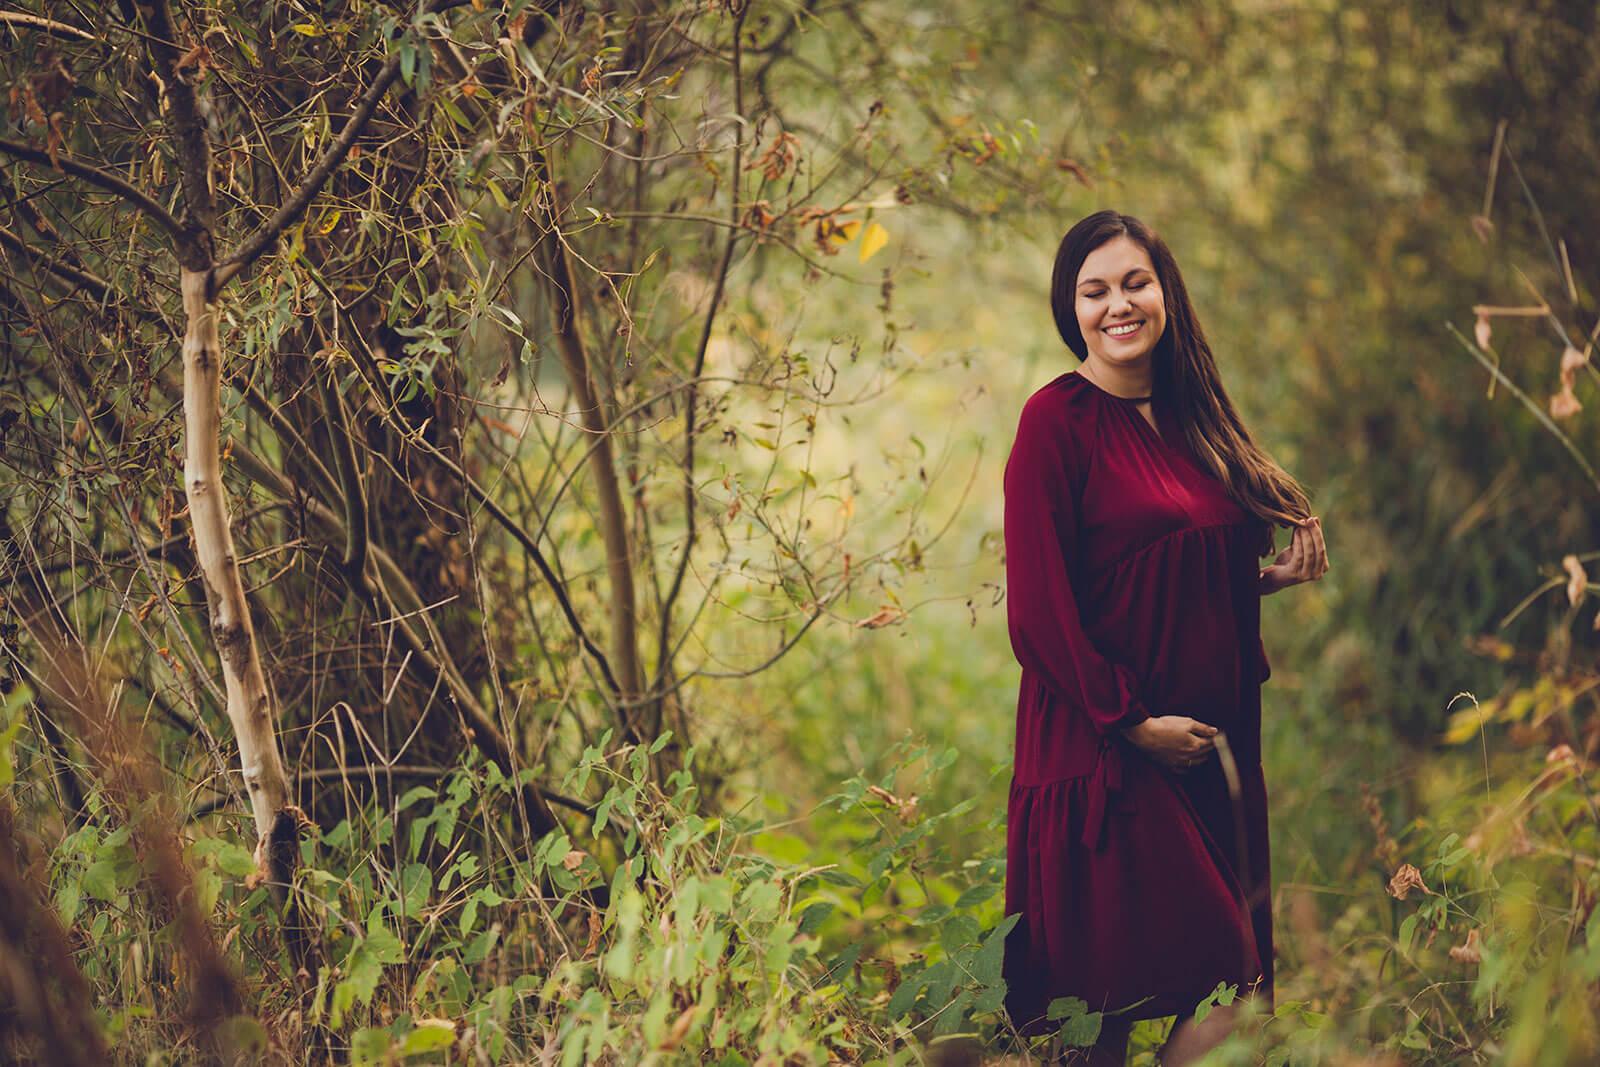 schwangerschaft-foto-babybauch-stuttgart-esslingen-natur